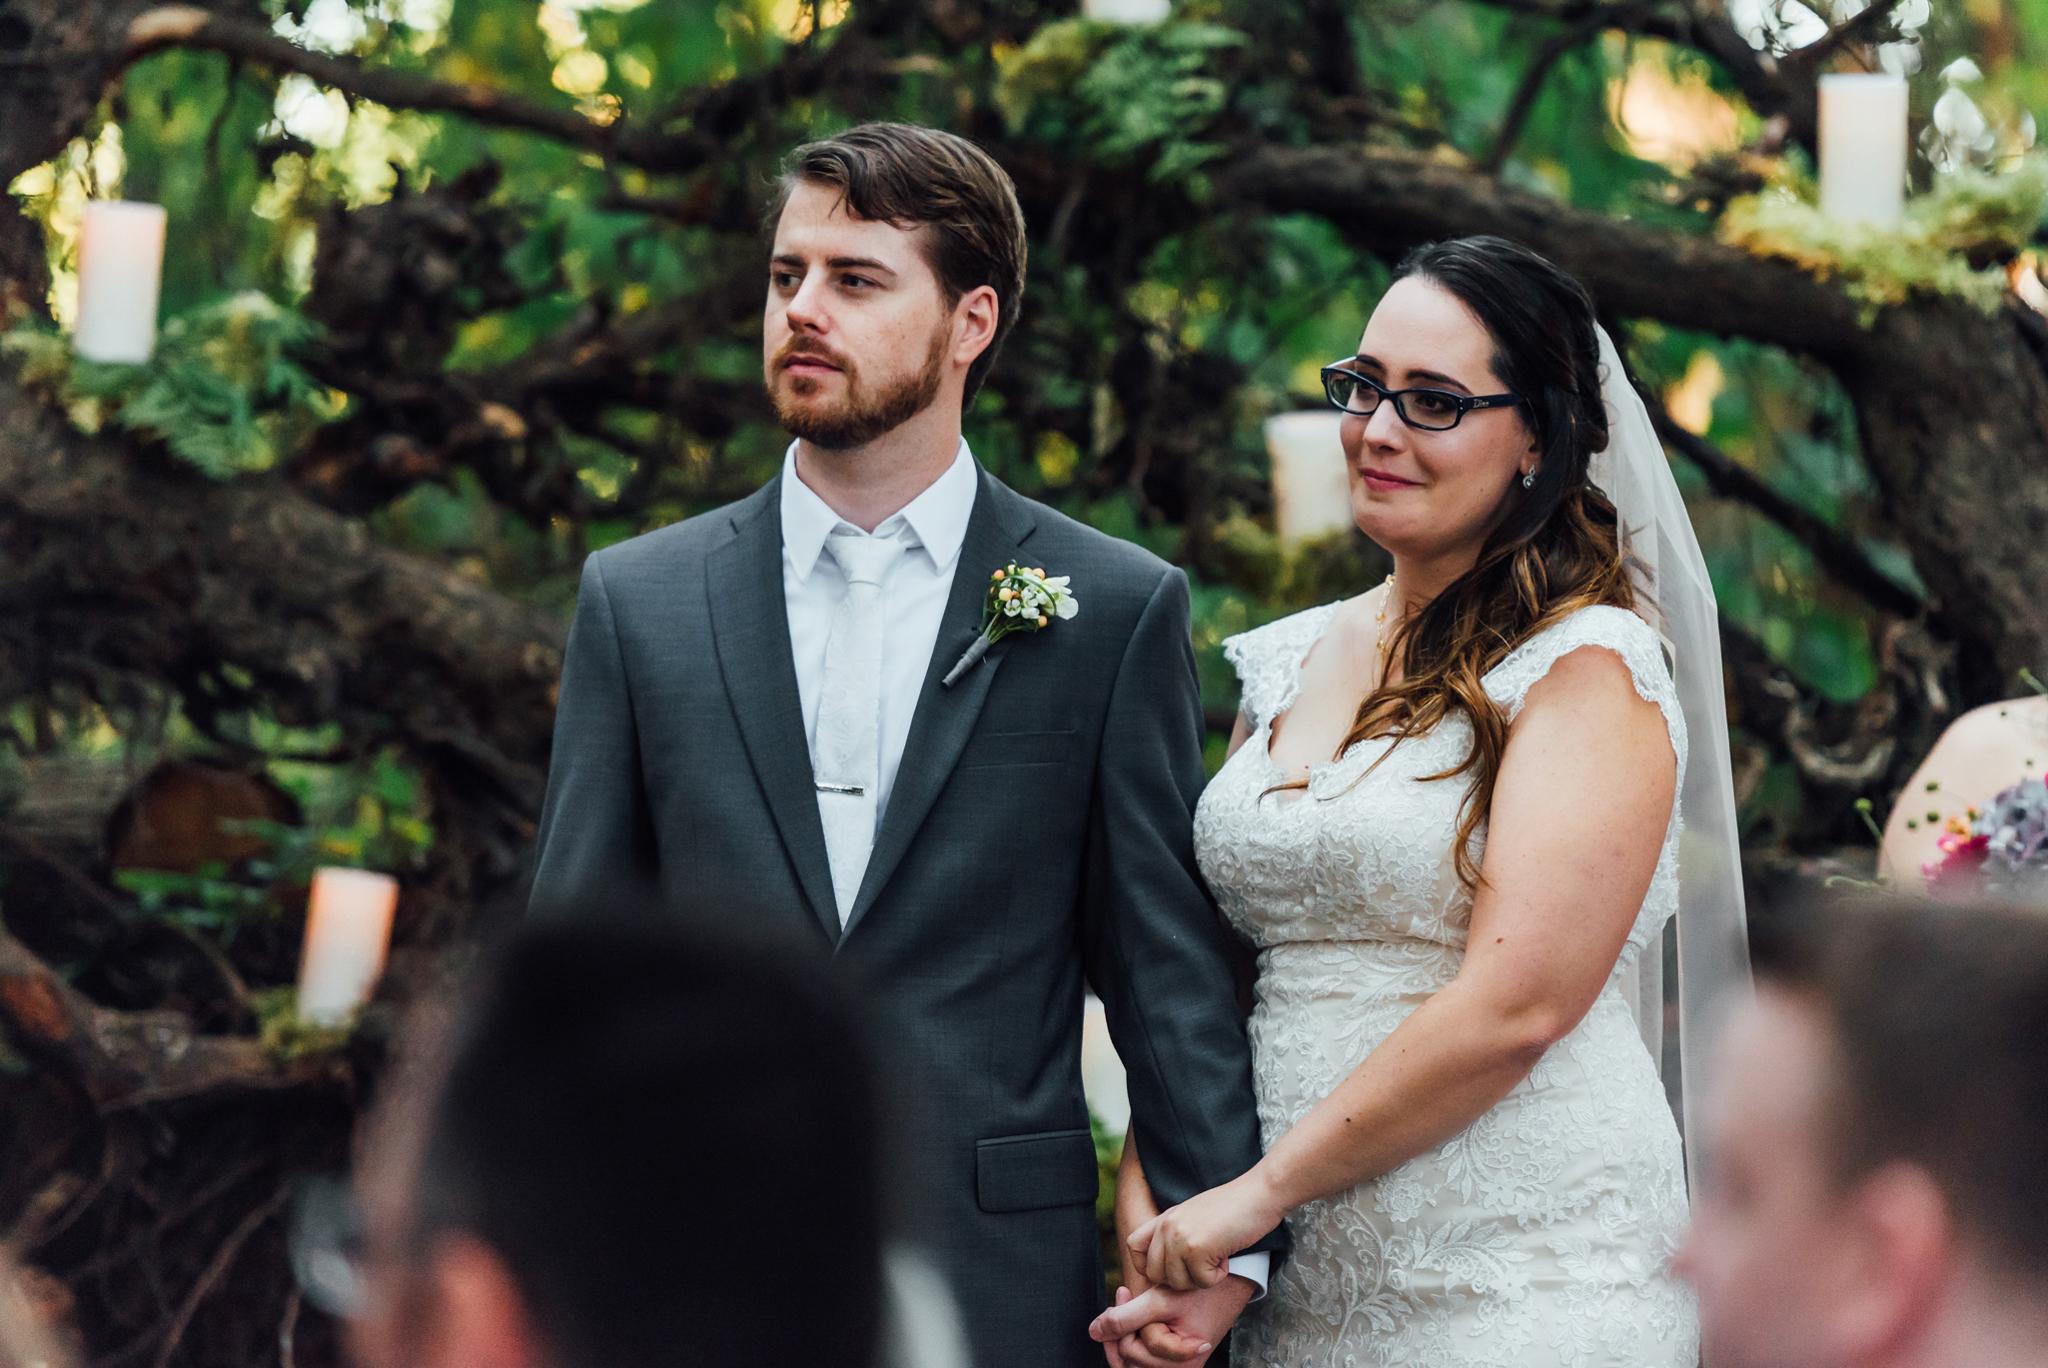 Nicola_Reiersen_Photography_Sea_Cider_Forest_Wedding (69).jpg